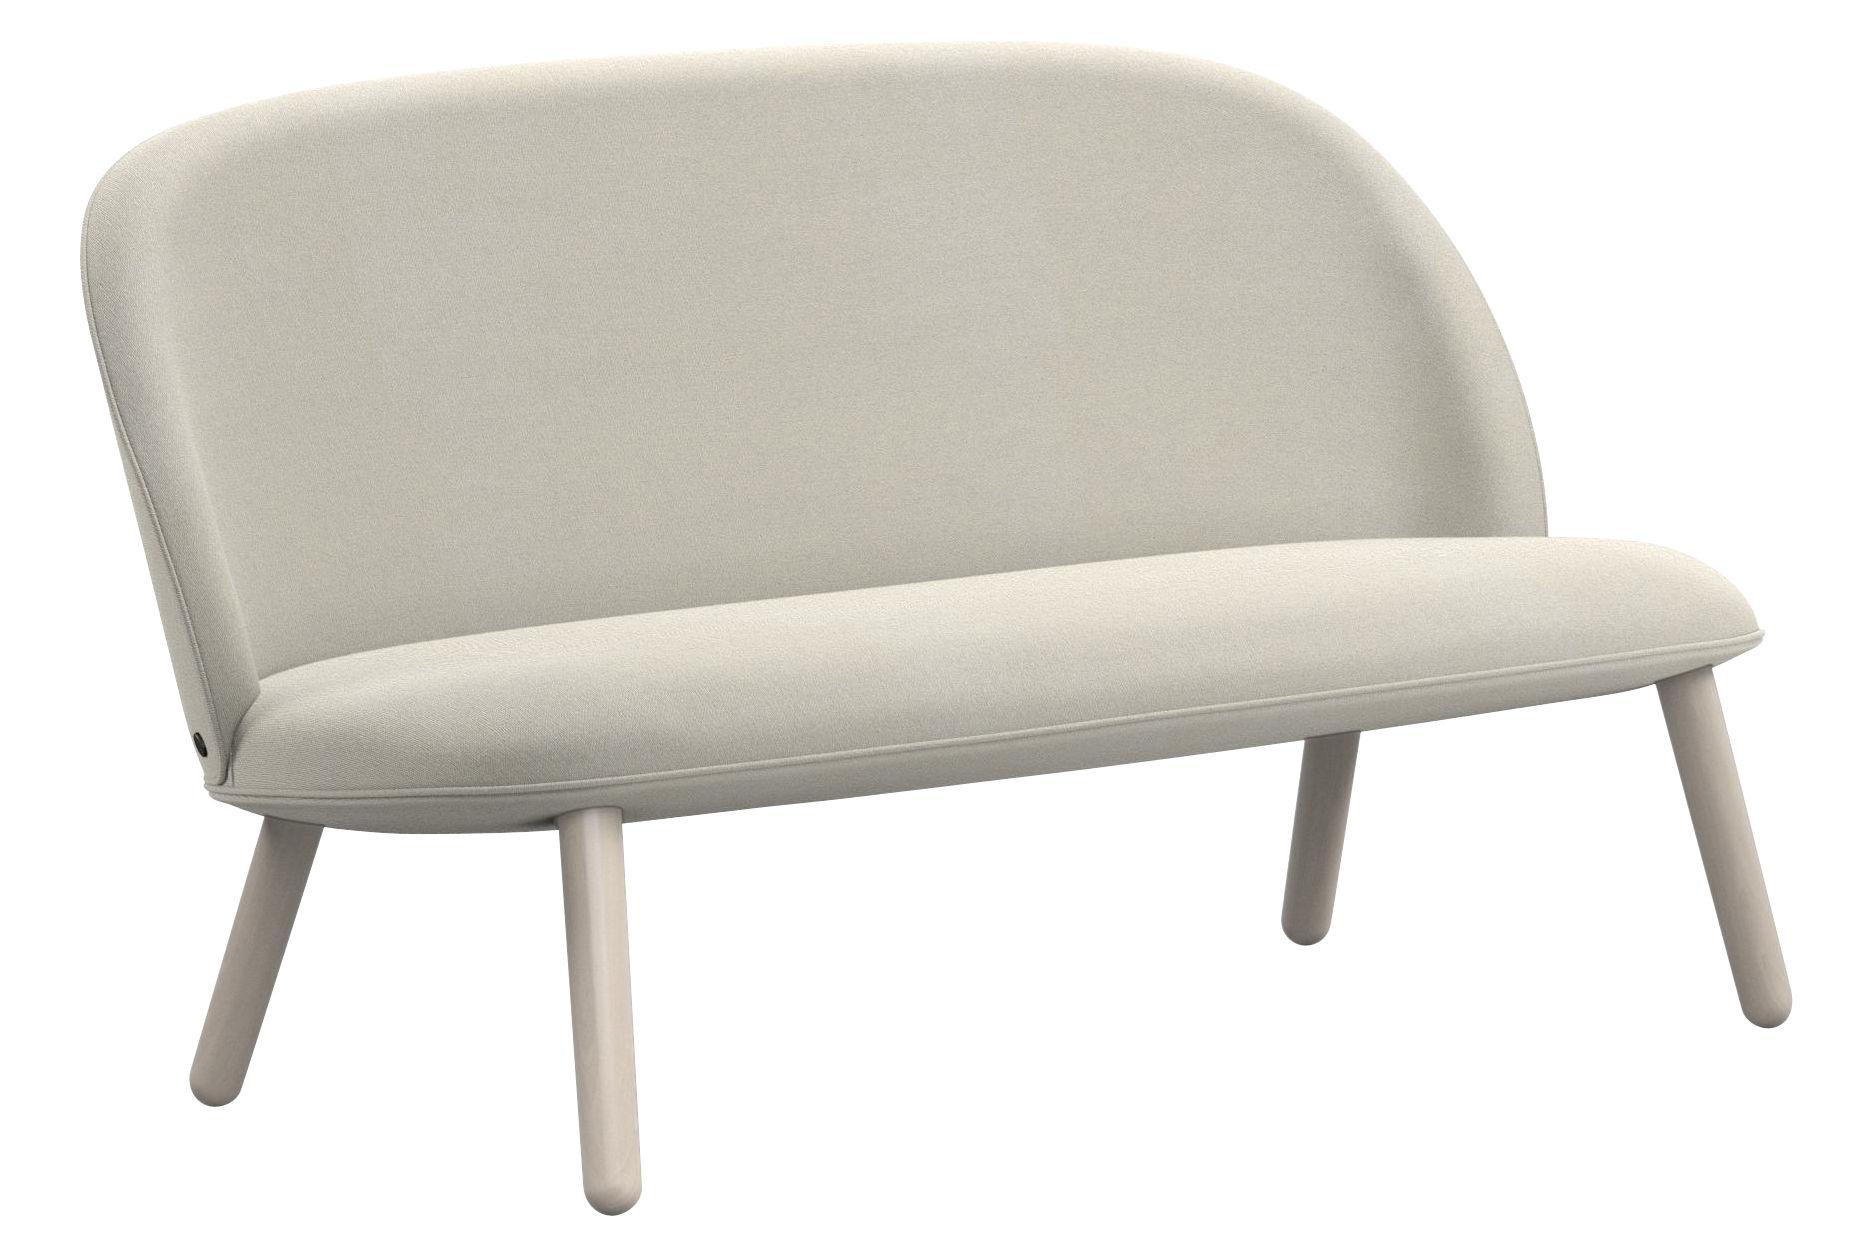 Ace divano destro 2 posti l 145 cm tessuto tessuto - Divano 2 posti 140 cm ...